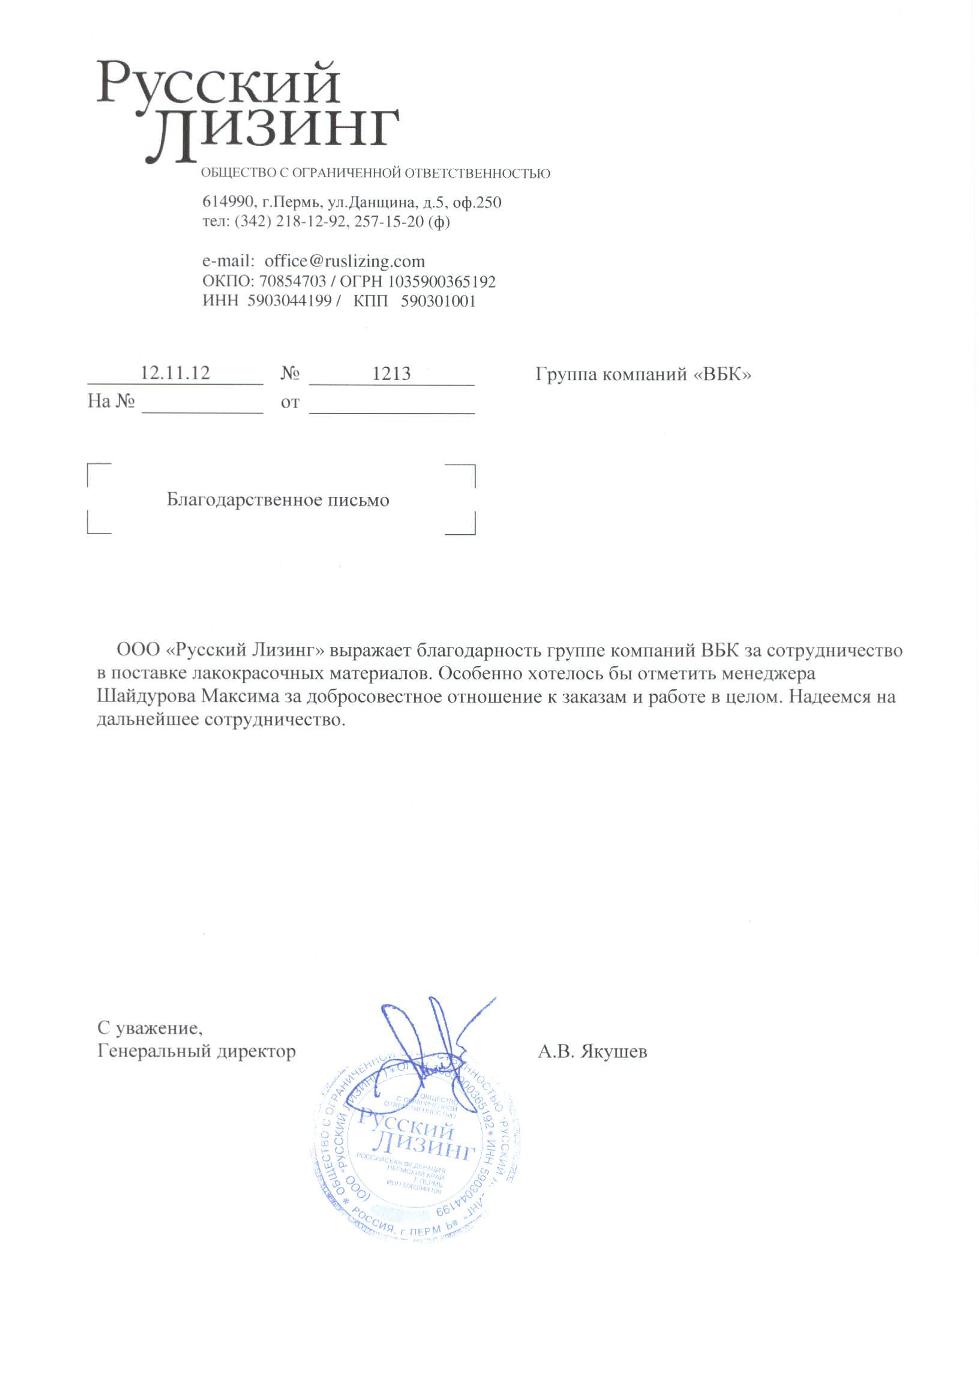 Благодарственное письмо от ООО «Русский Лизинг»